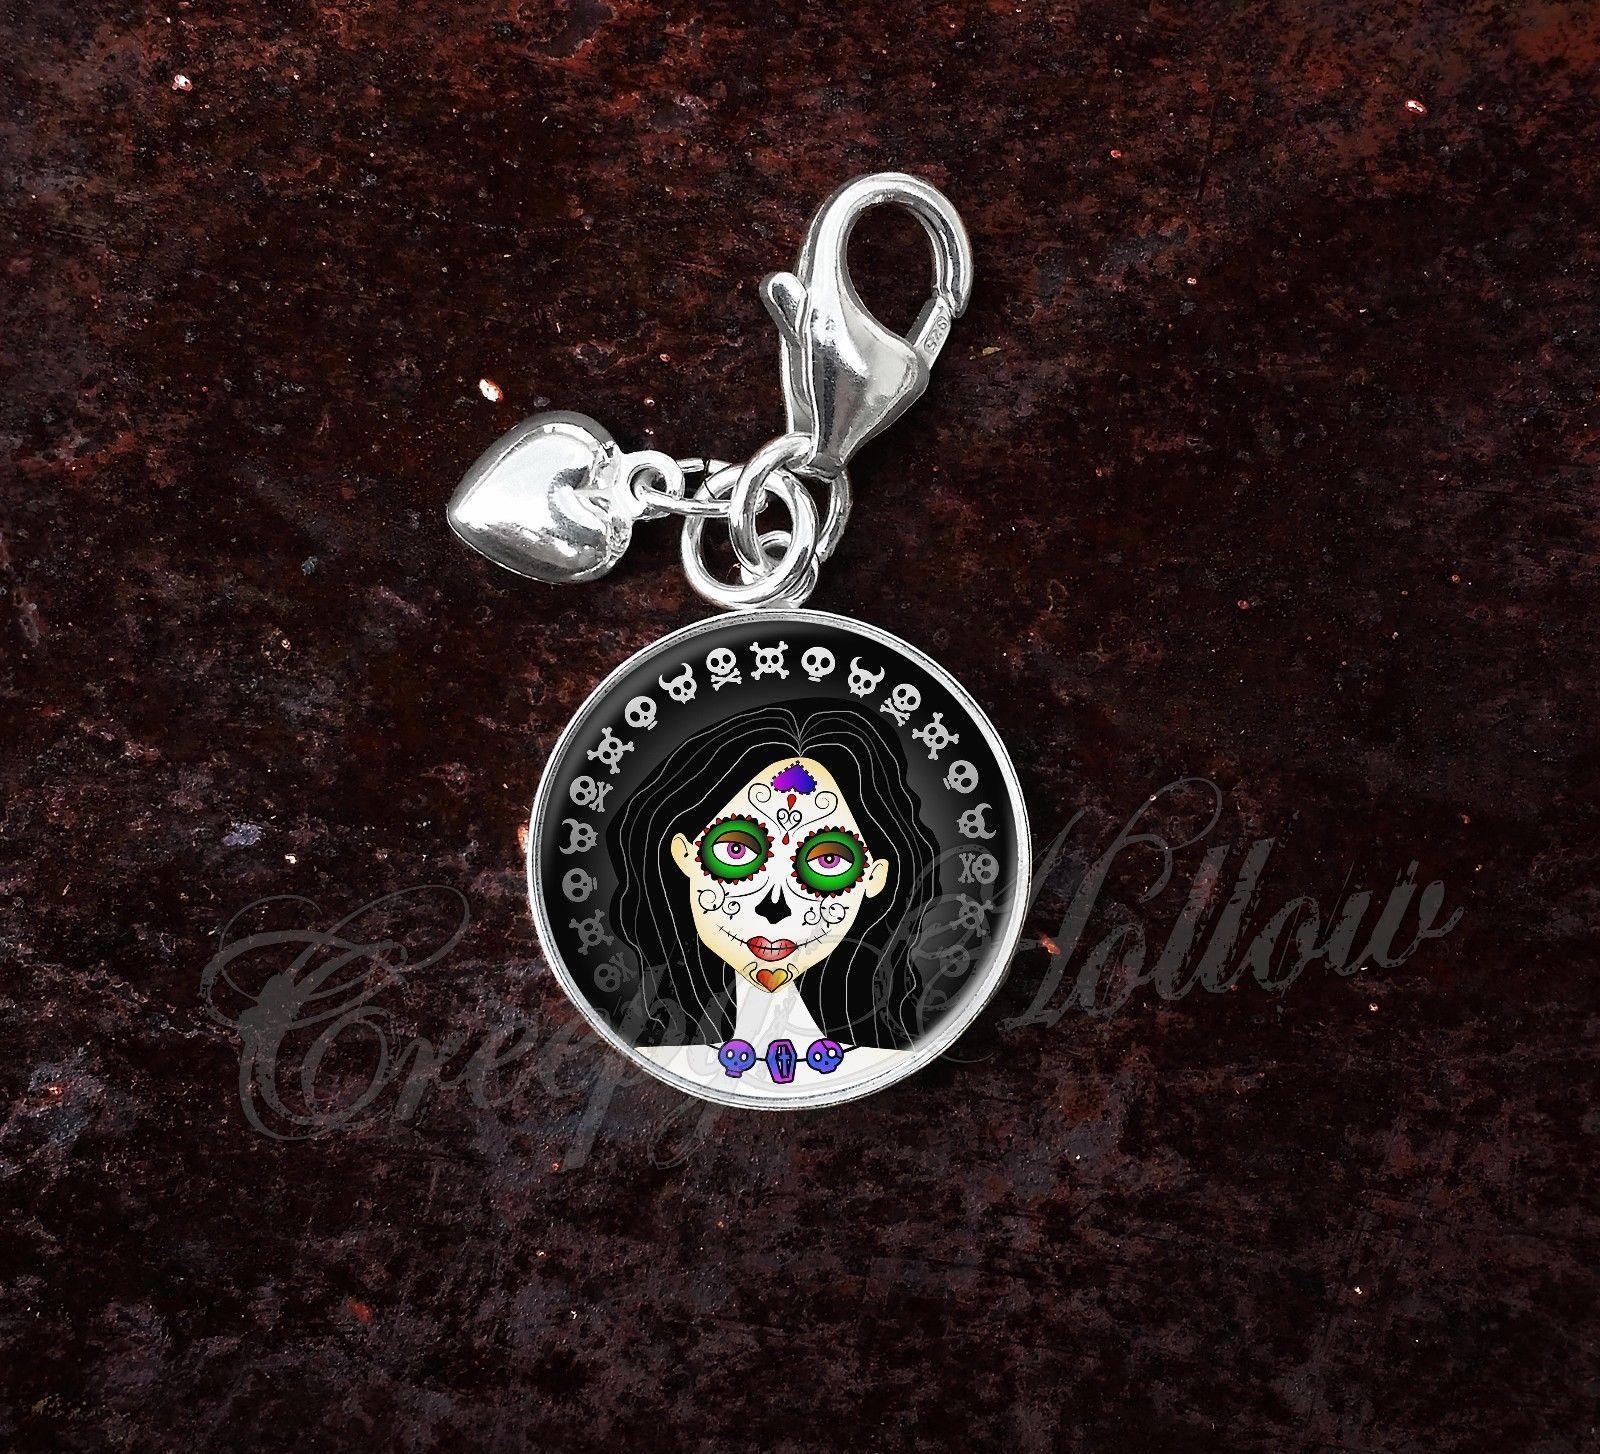 Sterling Silver Charm Sugar Skull Girl Dia De Los Muertos